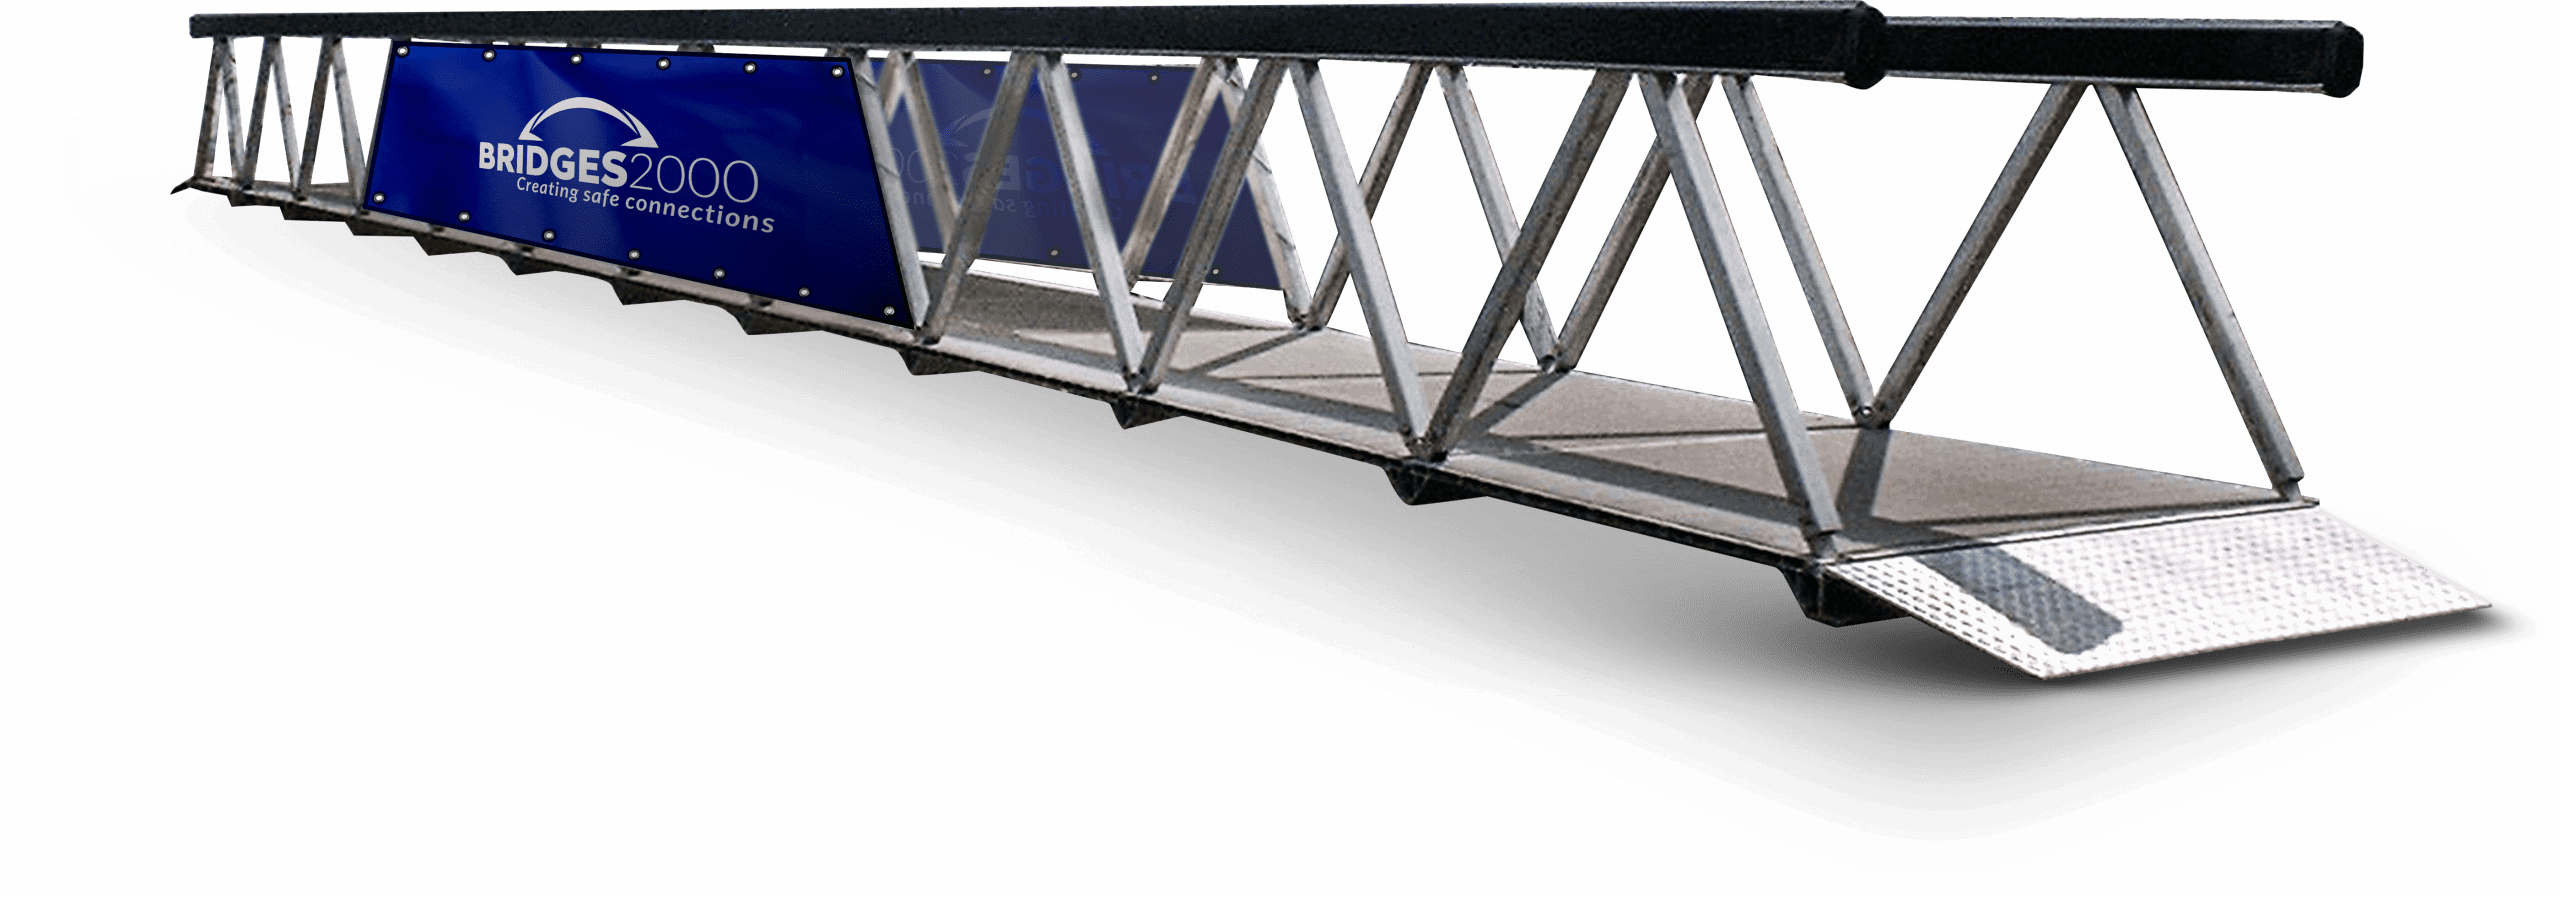 BRIDGES2000 solutions Bridges bridge